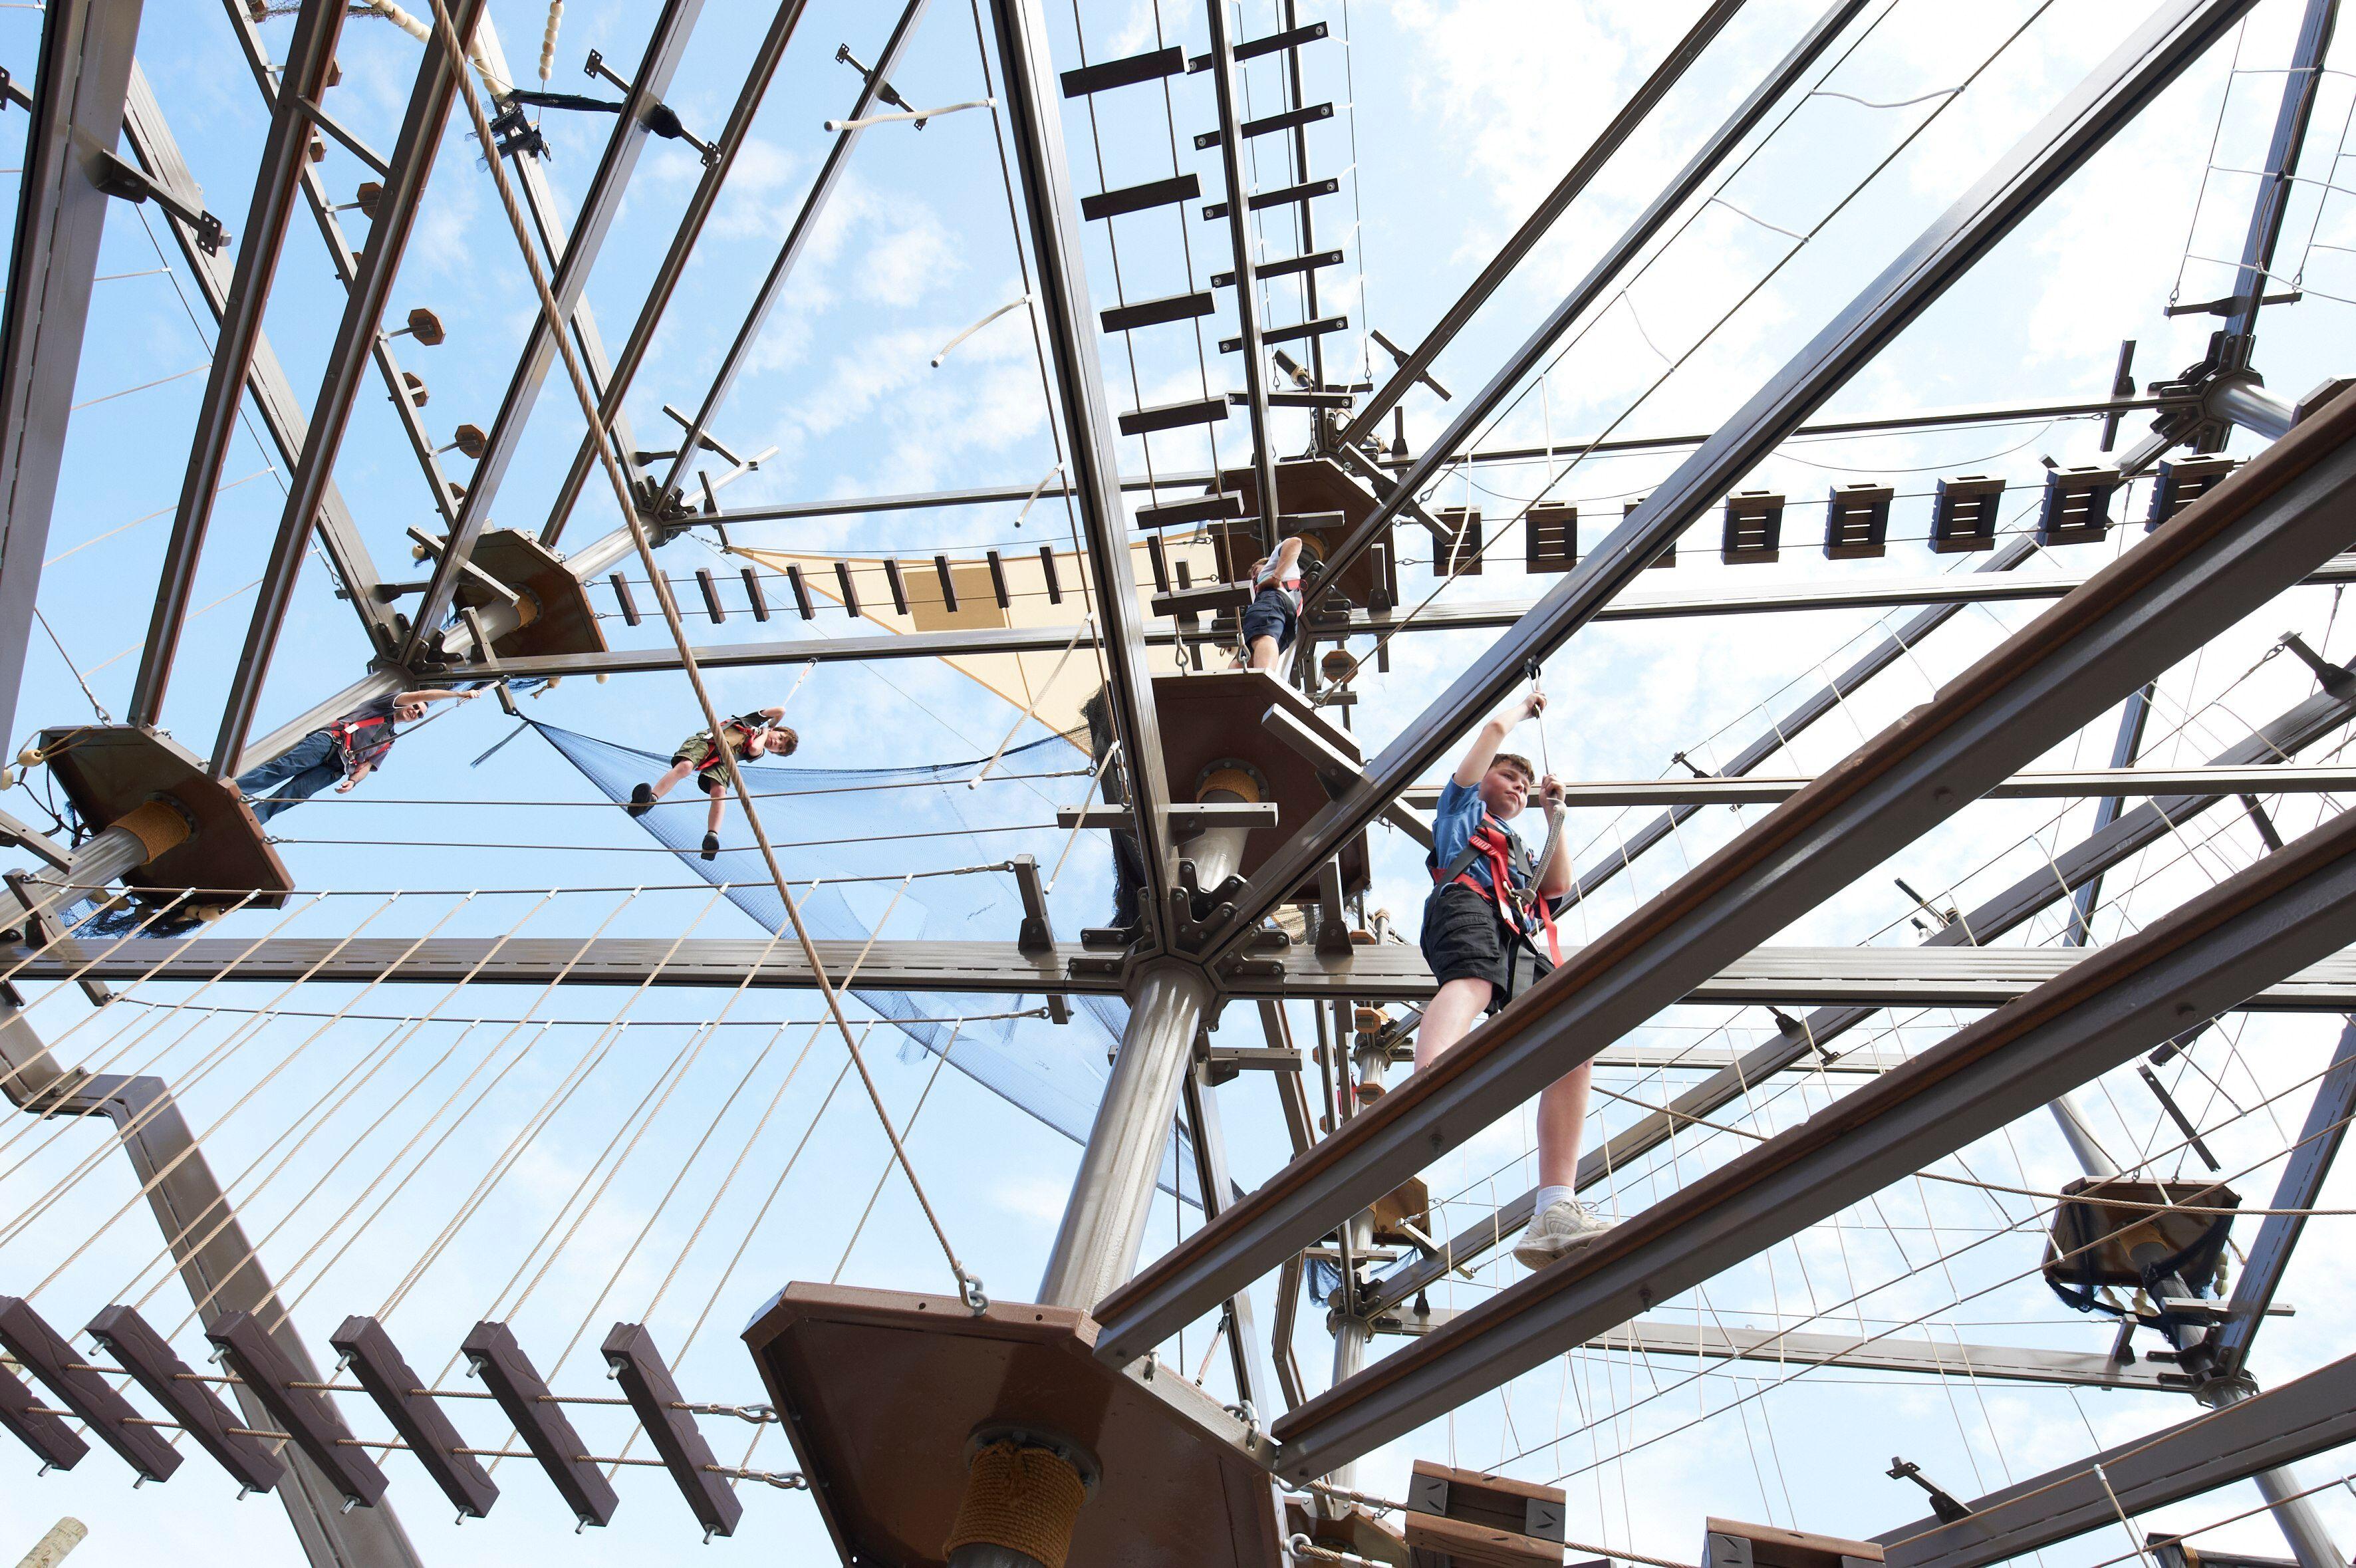 philadelphia zoo ziplining